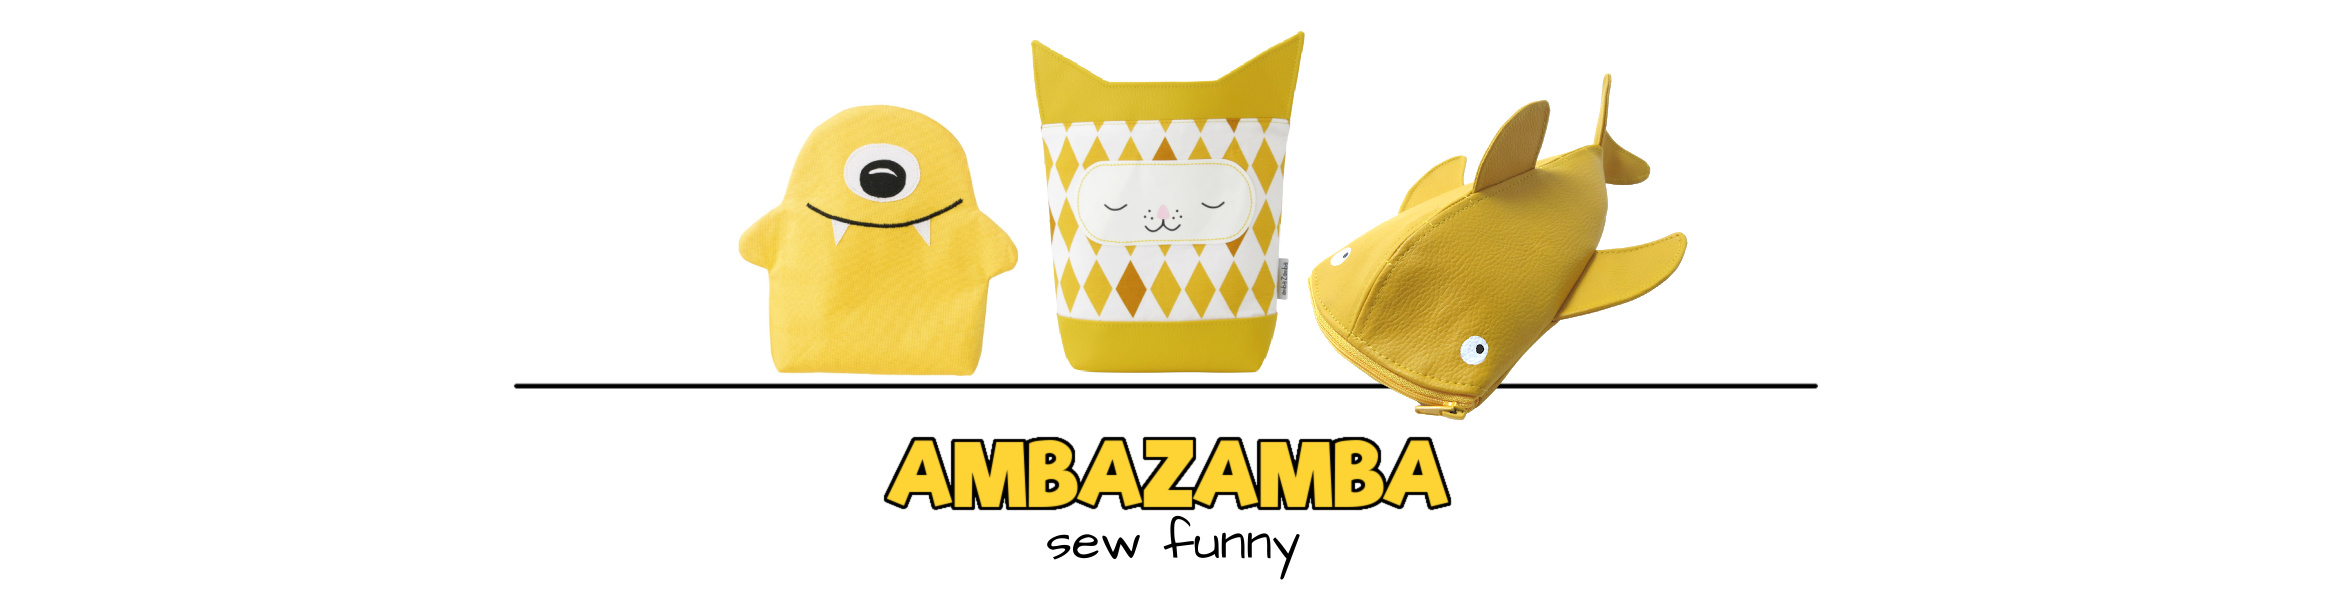 ambazamba